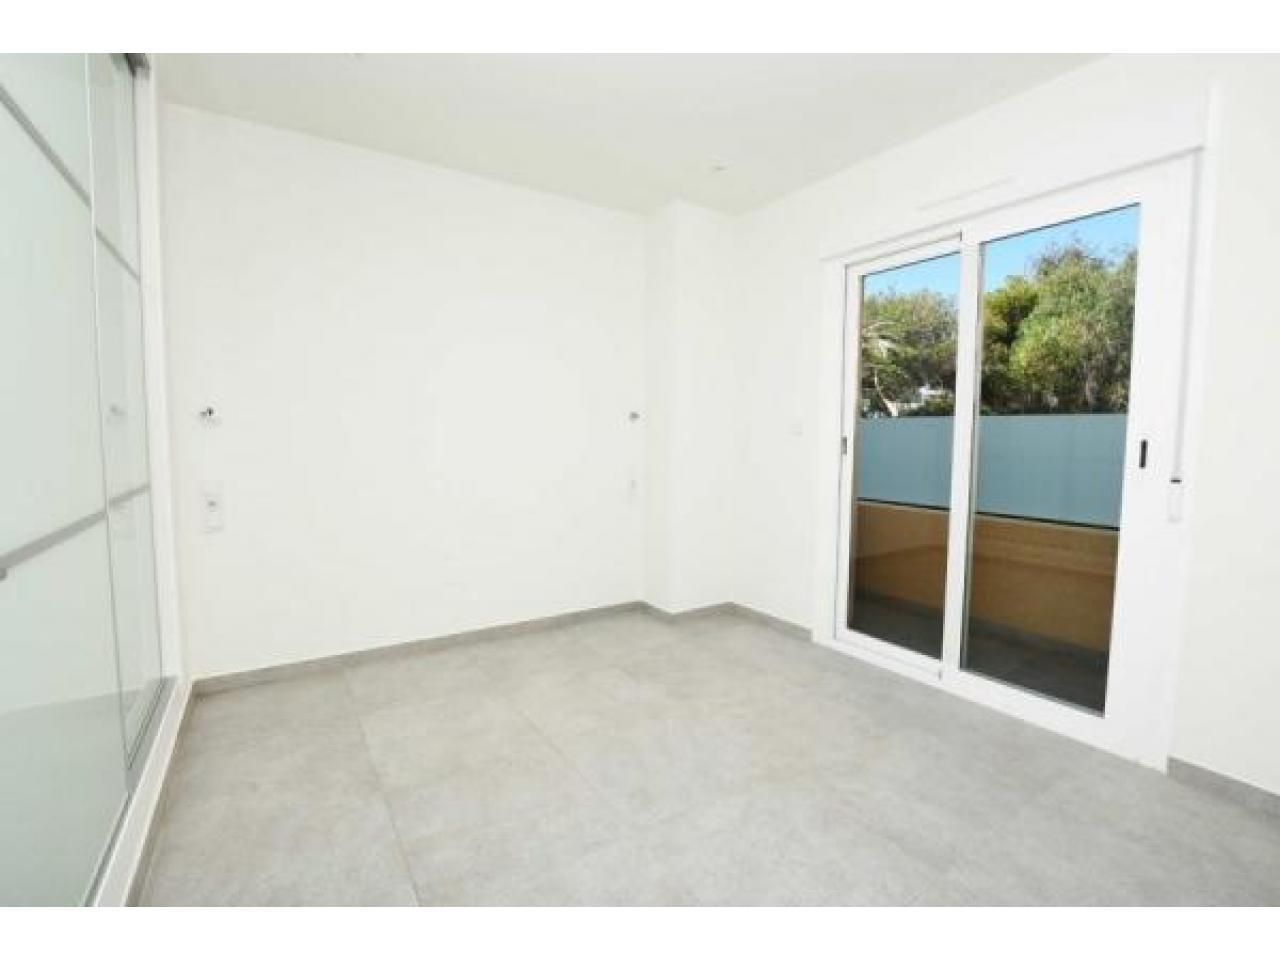 Недвижимость в Испании, Новые квартиры рядом с пляжем от застройщика в Ла Мата,Торревьеха - 8